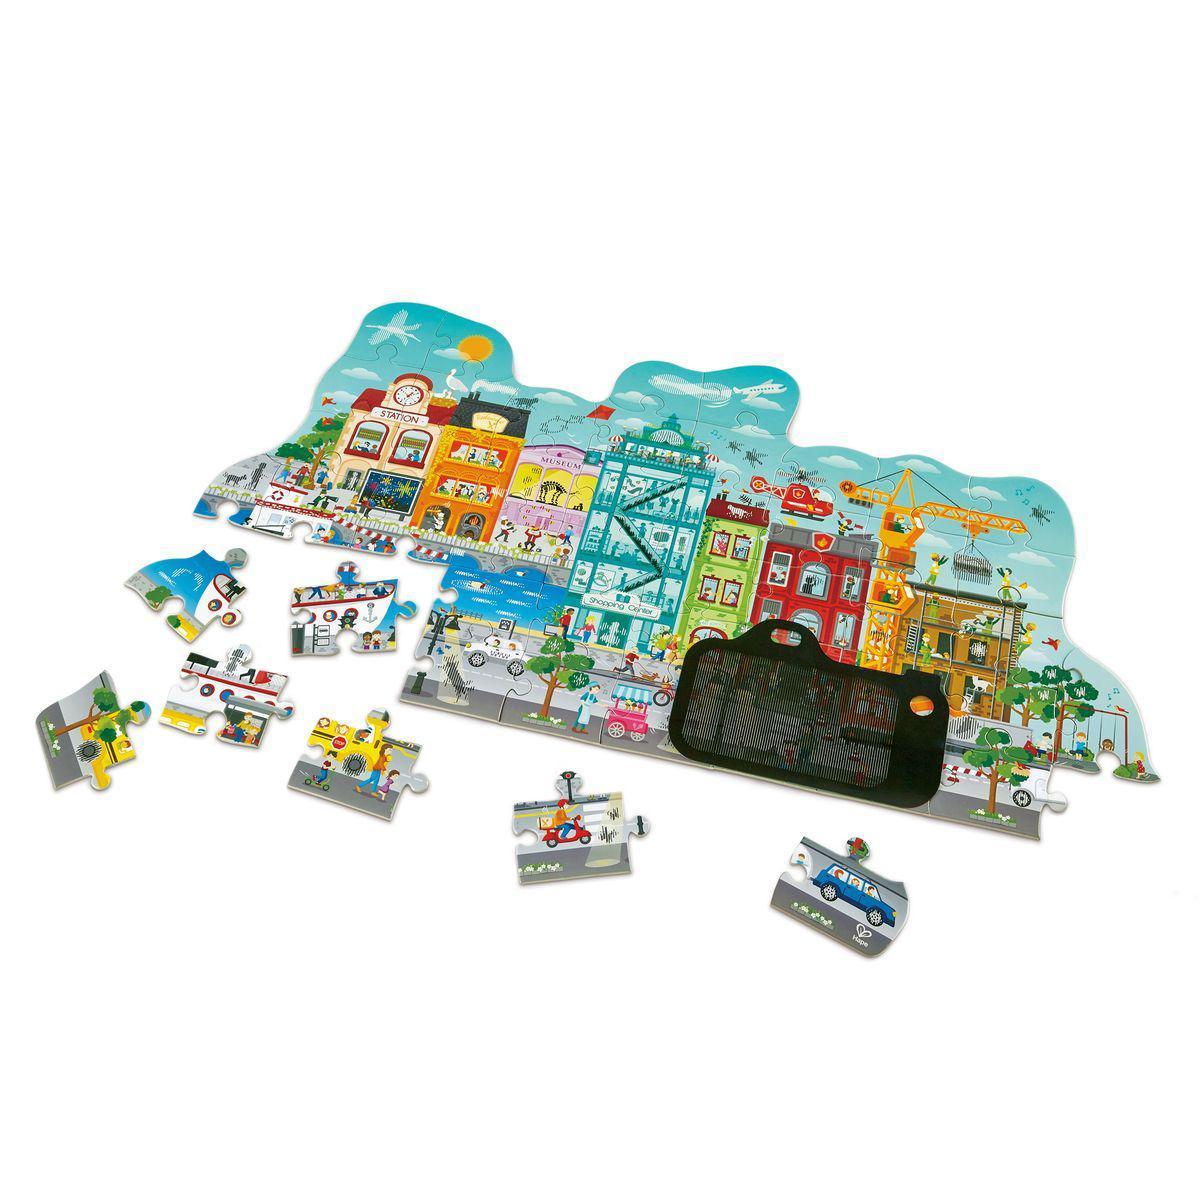 Hape - Puzzle animé CITY Hape